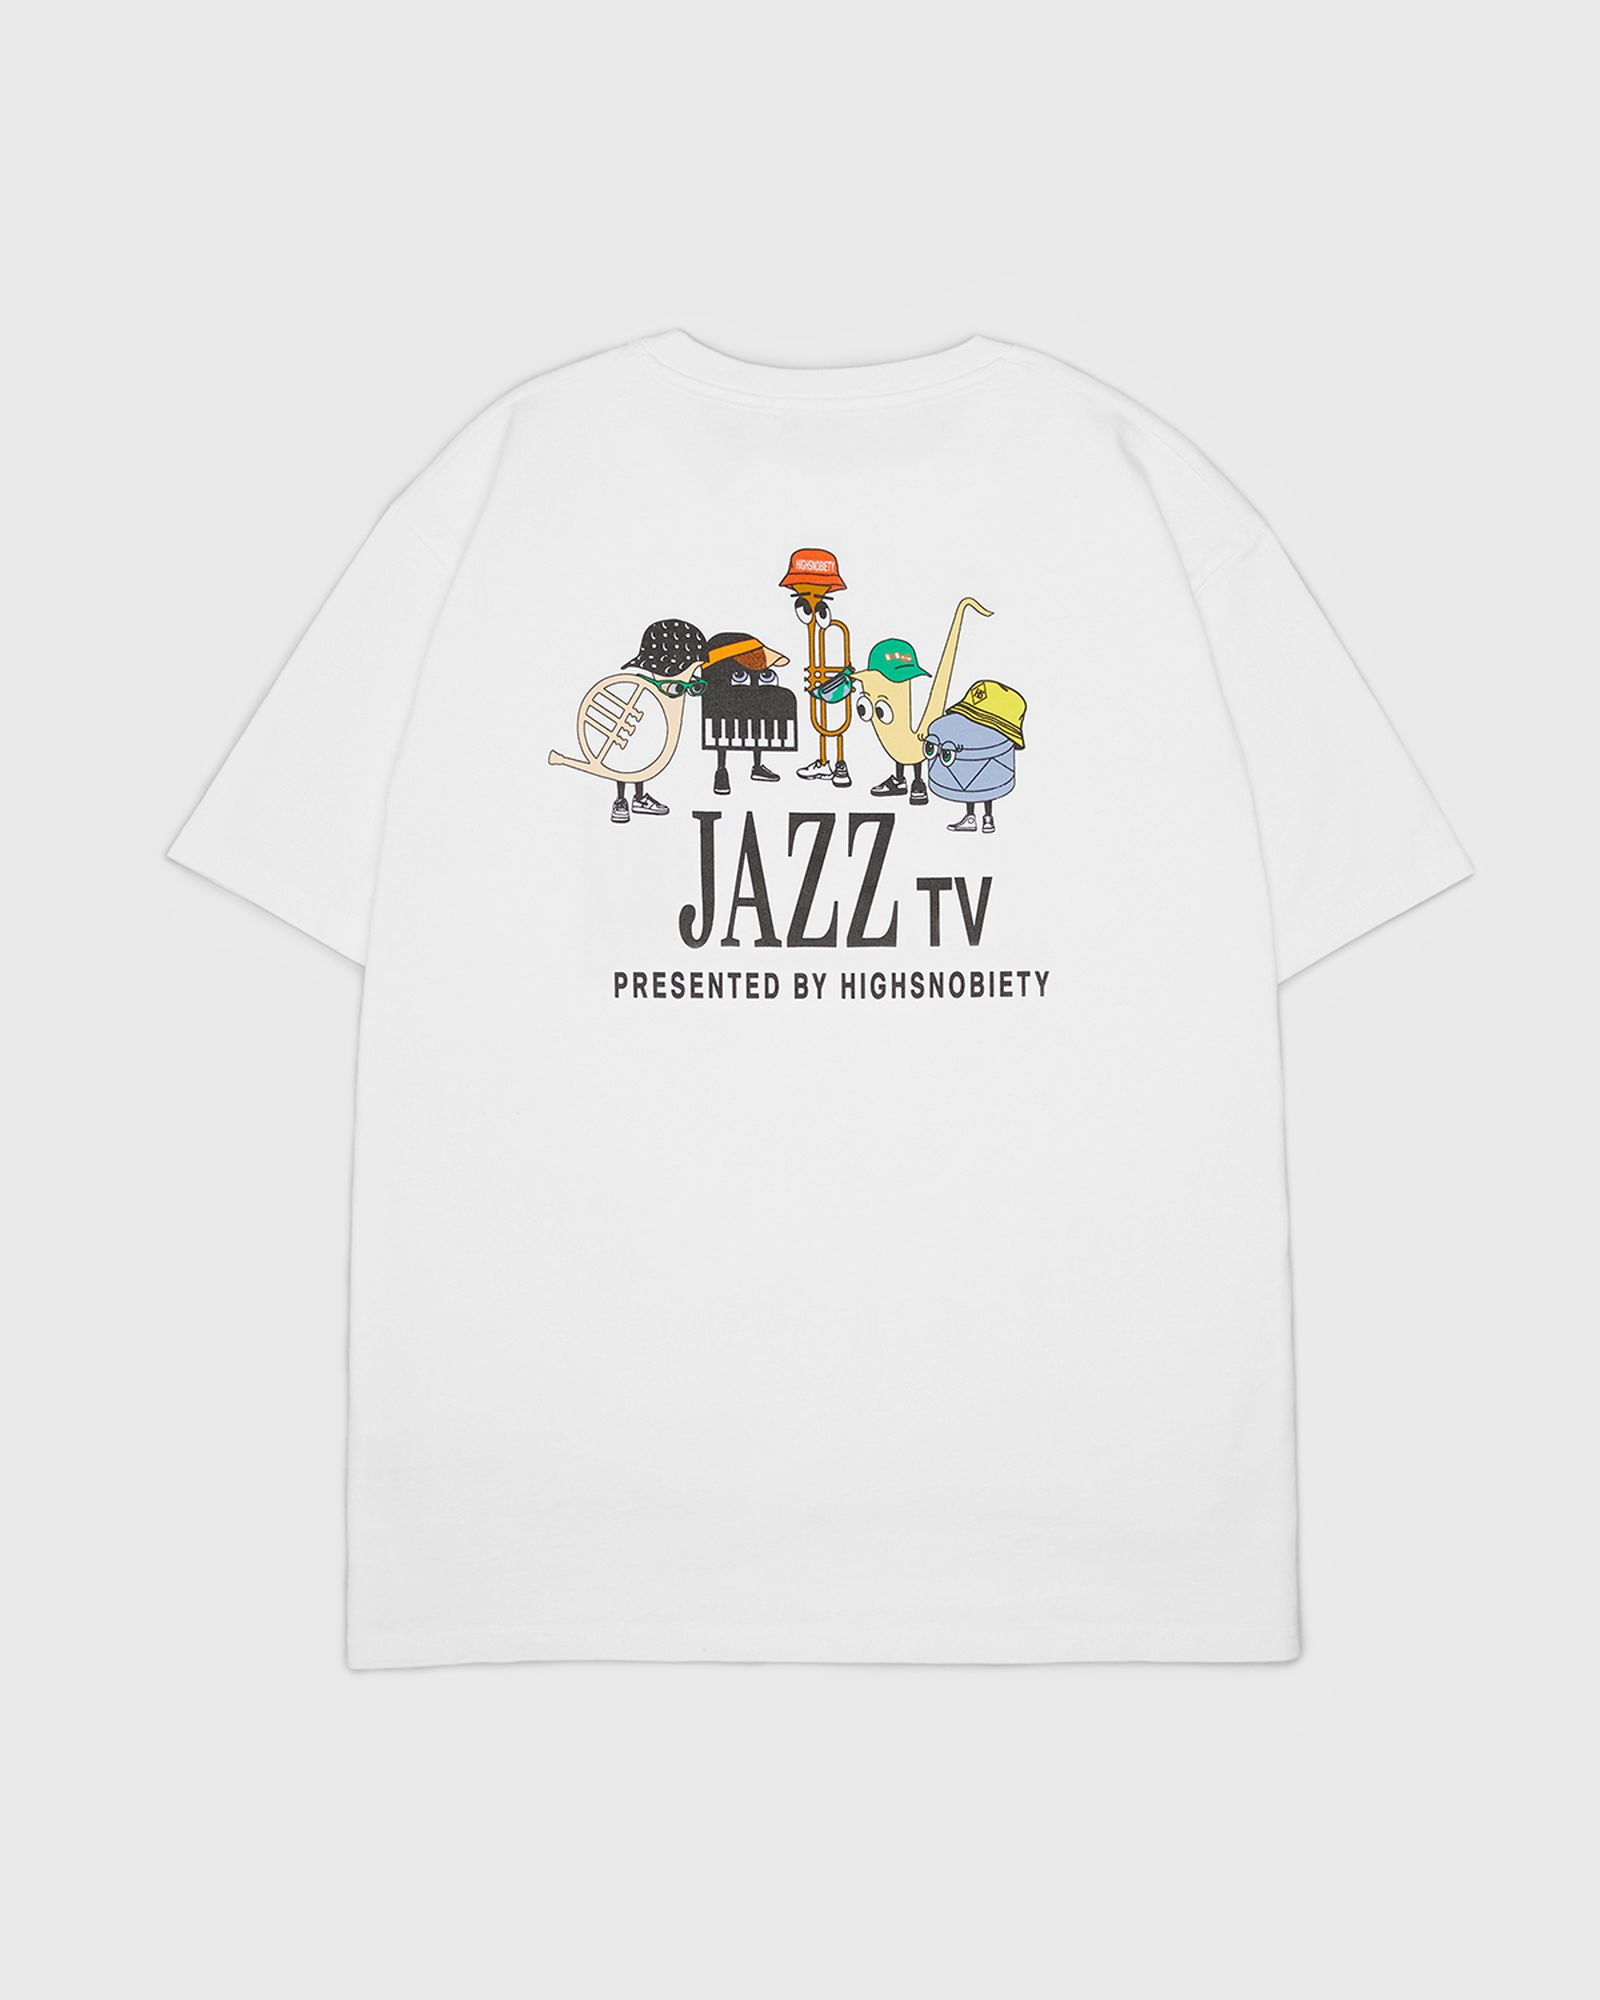 highsnobiety-jazz-tv-announcement-02